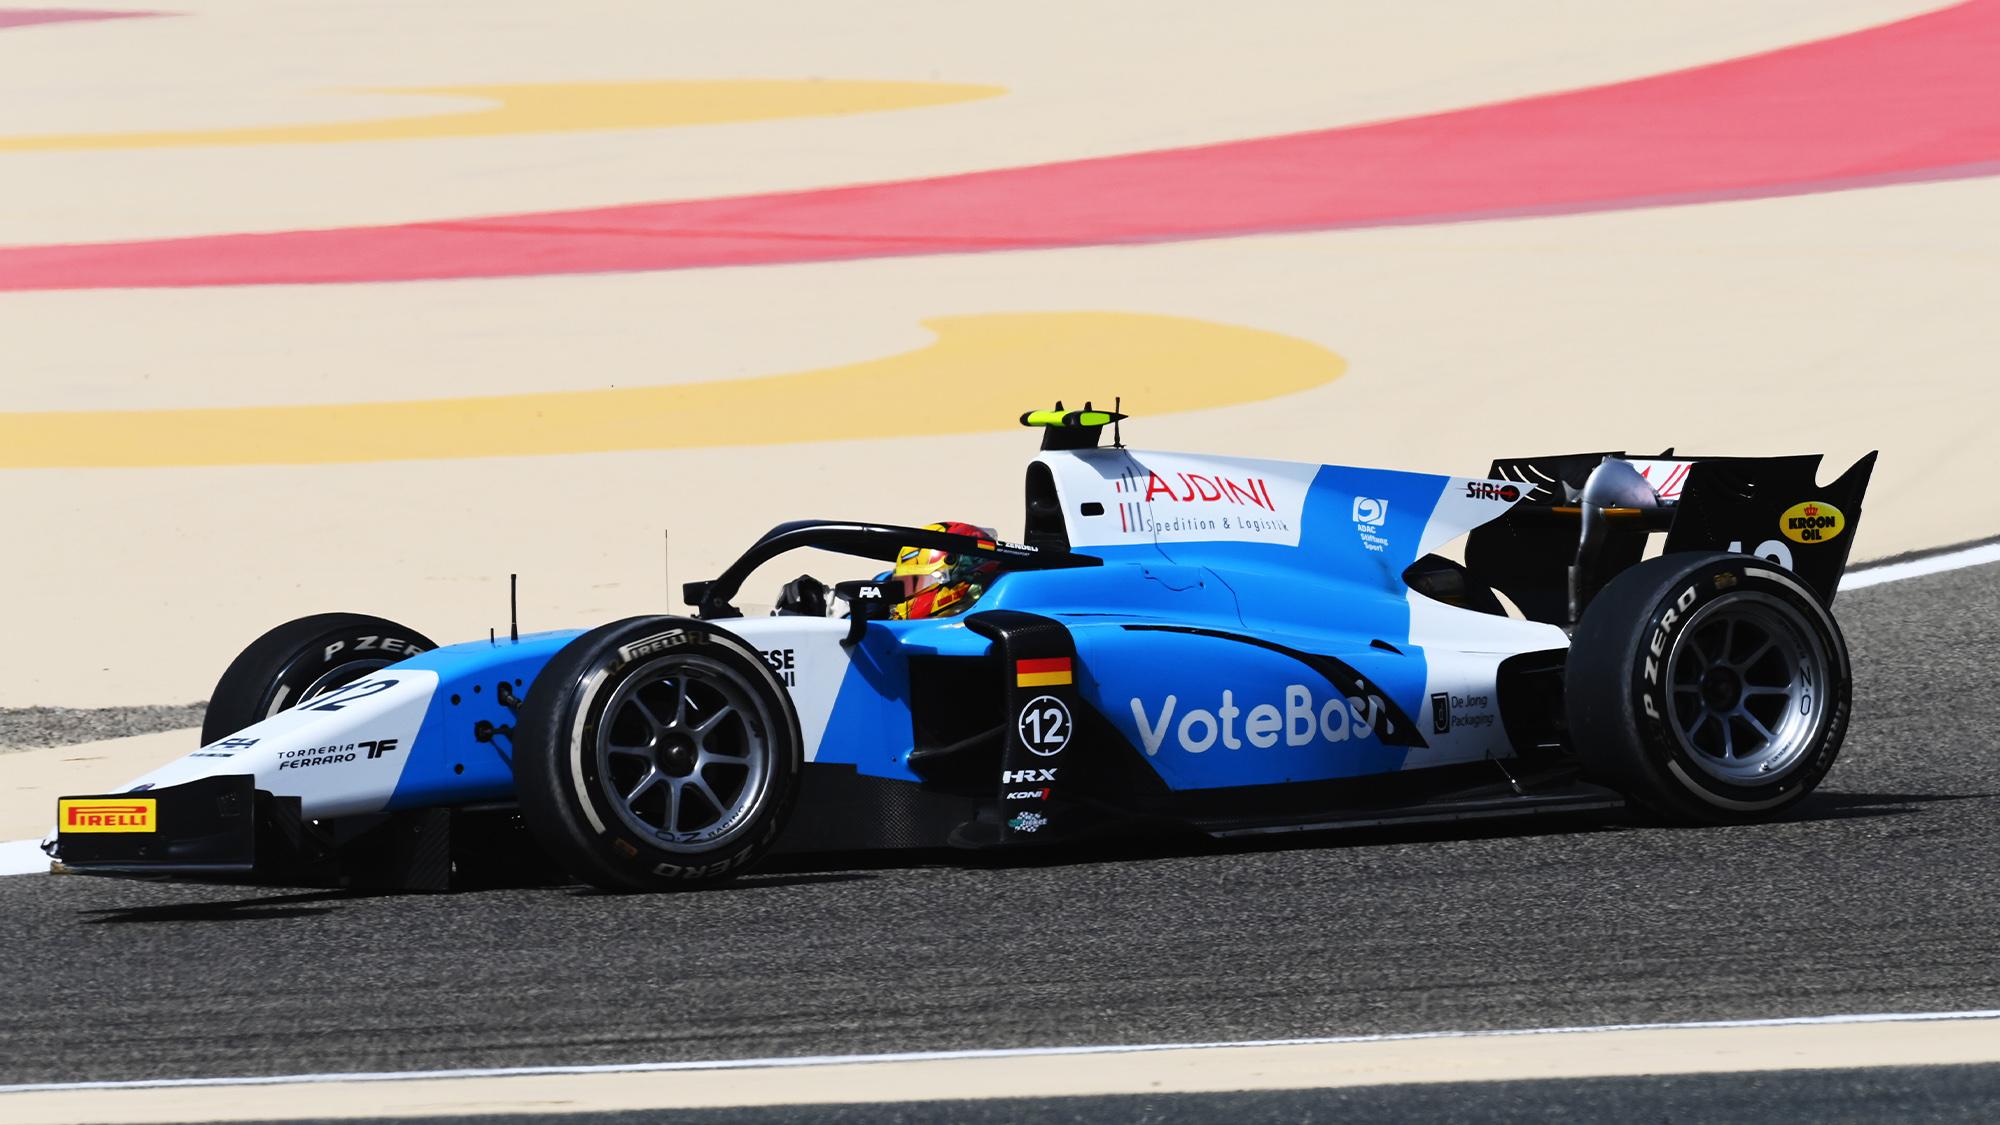 2021 Formula 2 car